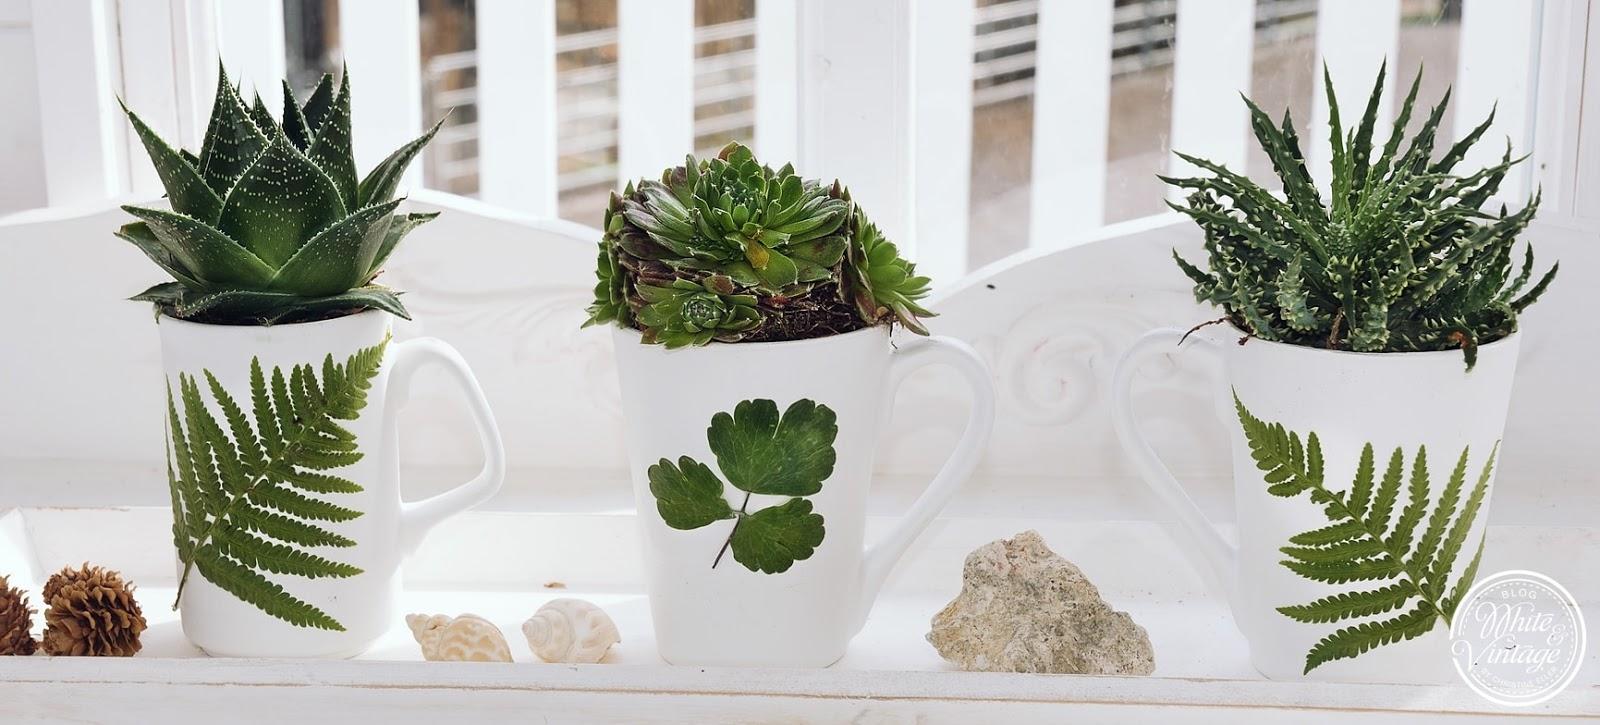 Pflanzgefäße für Sukkulenten aus Tassen selber machen